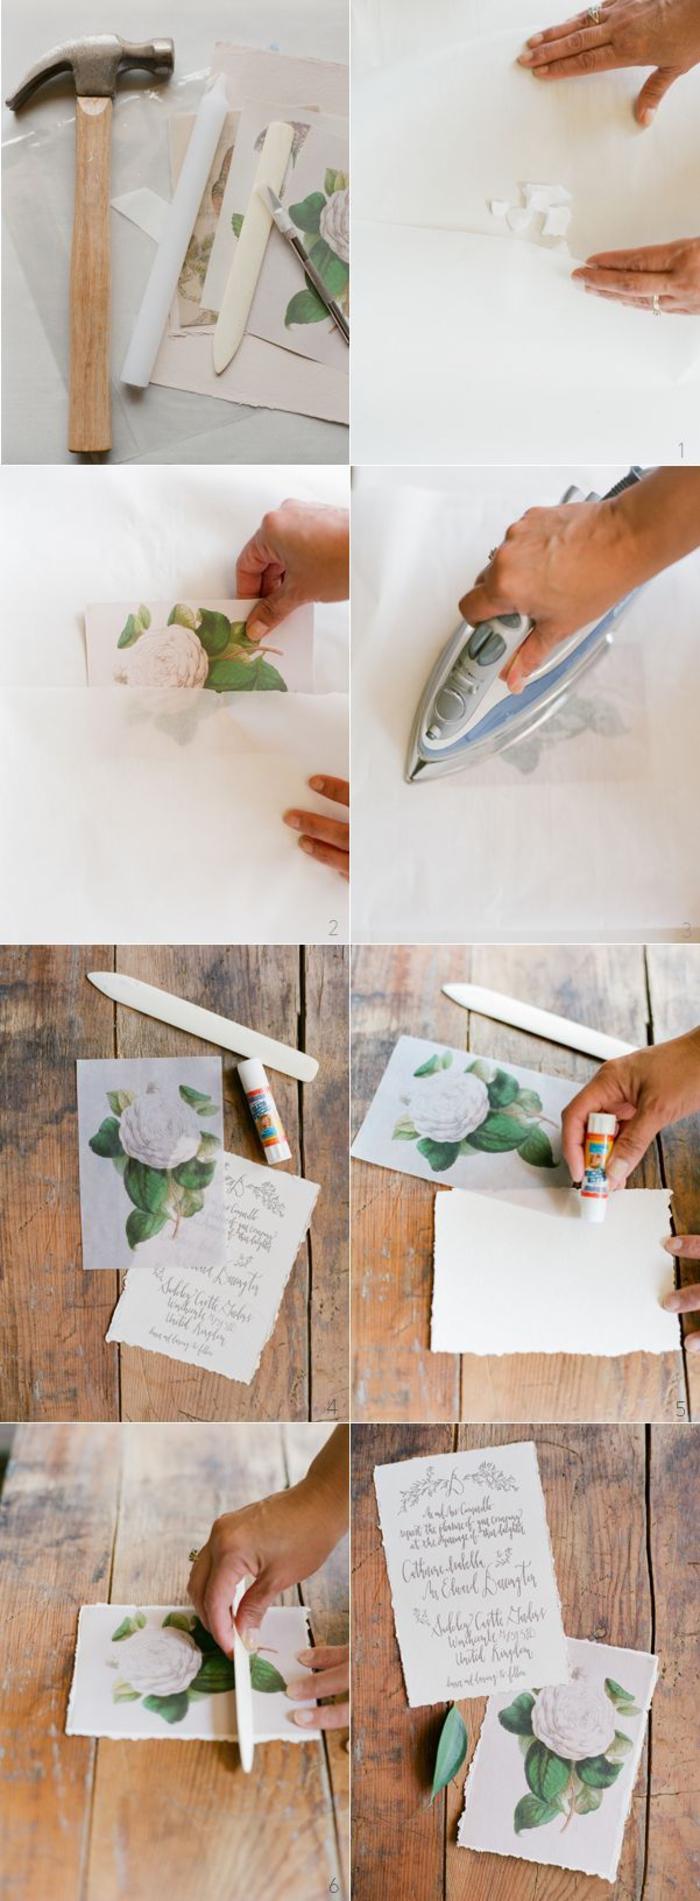 idée pour un faire part champetre à réaliser soi-même en papier ciré et au fer à repasser pour un joli rendu vintage